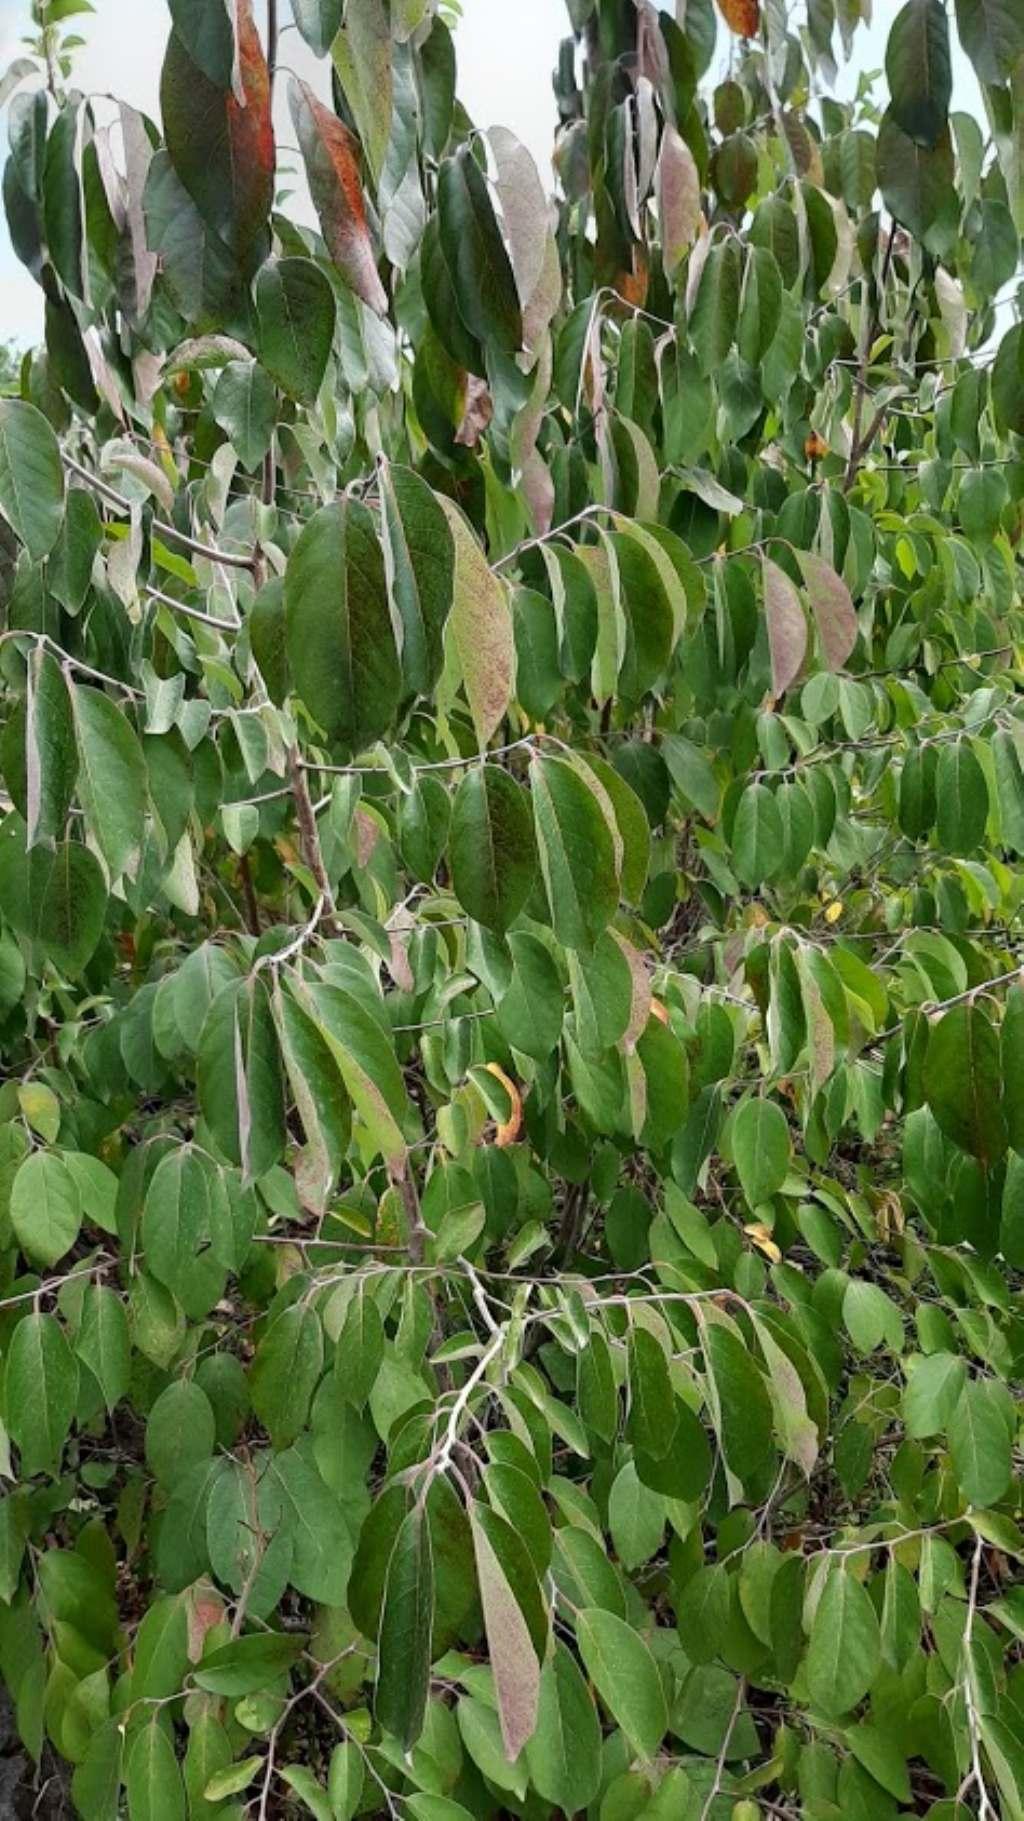 che pianta può essere? cfr. Annona sp.